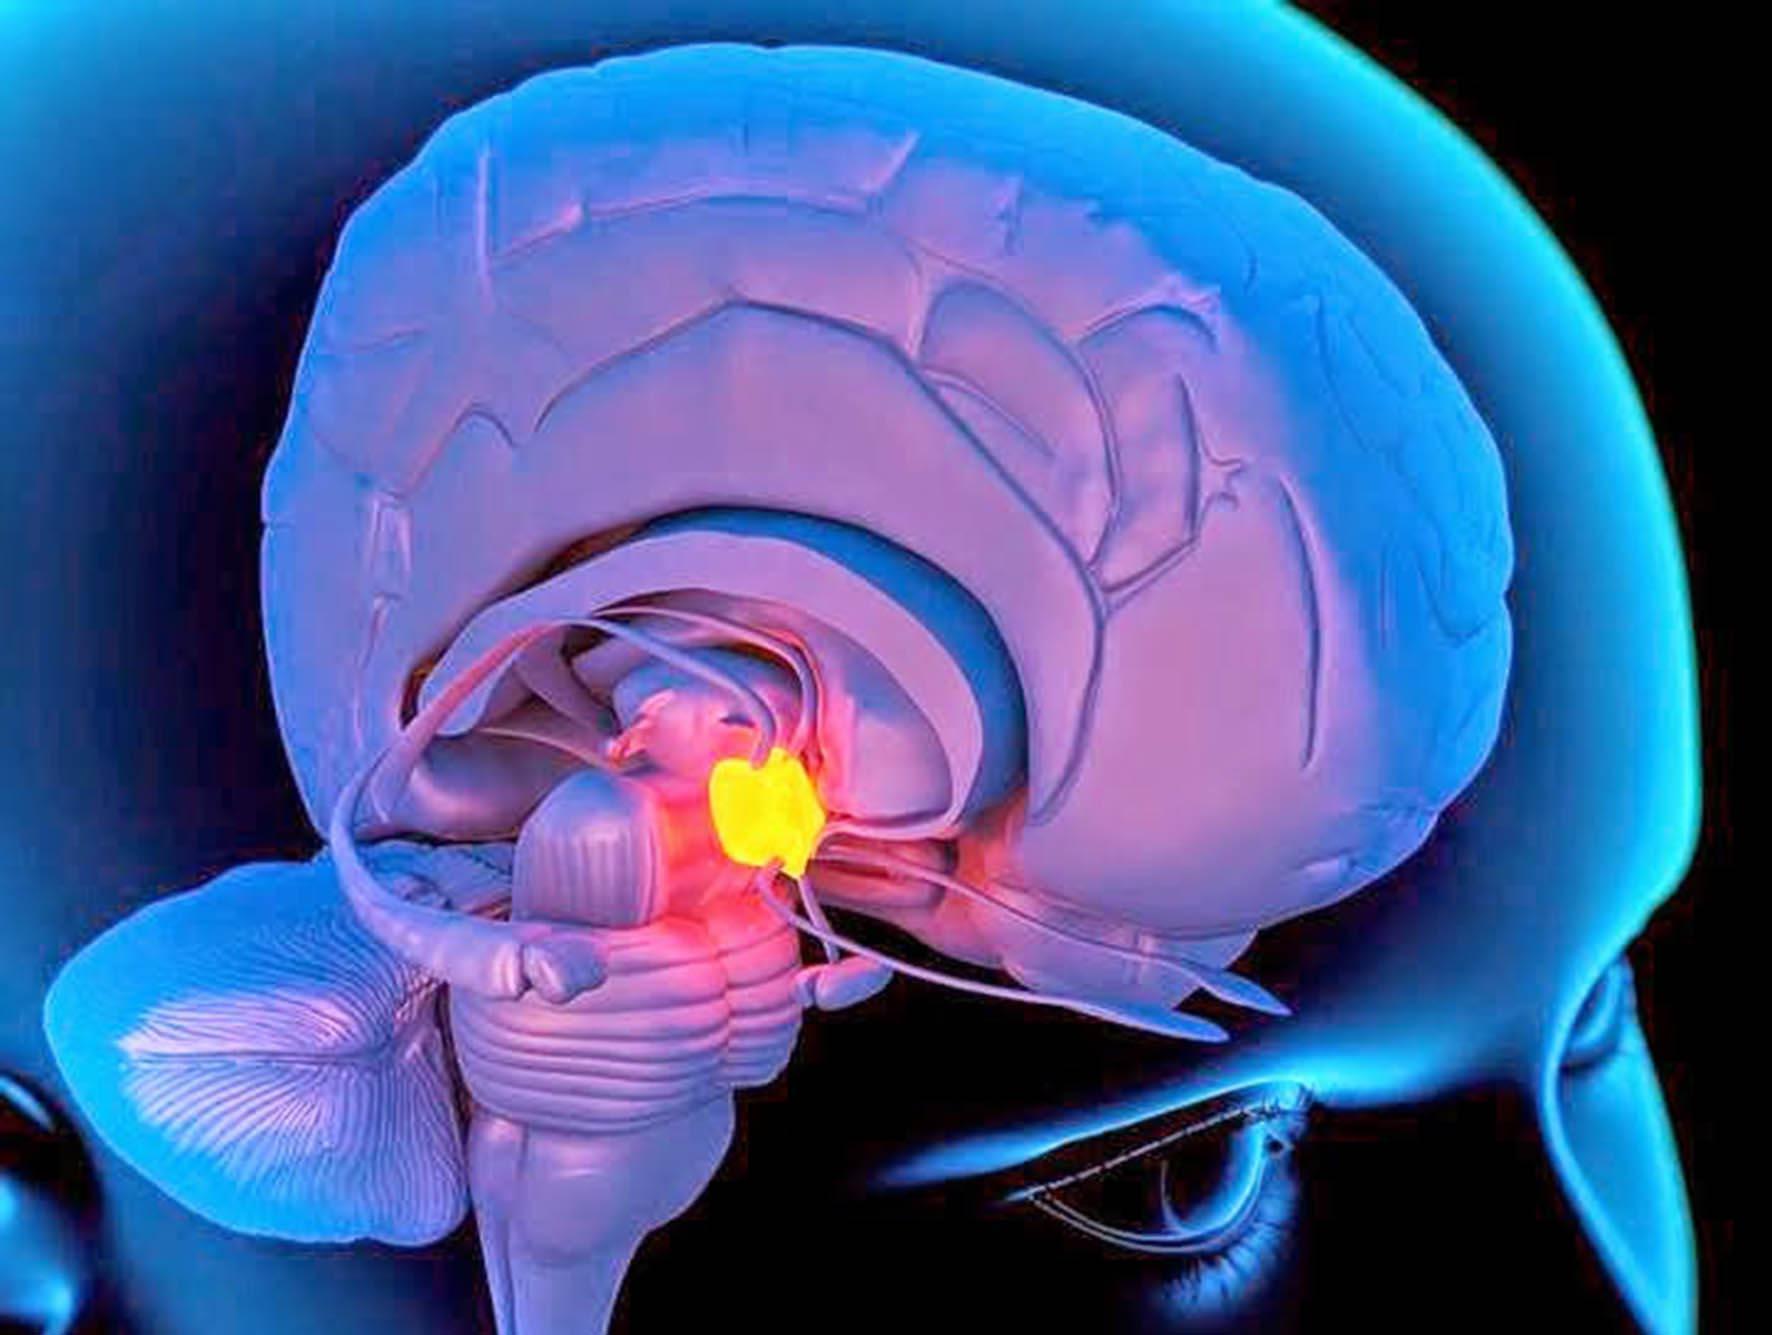 Aunque este fenómeno no ha sido explicado del todo por la ciencia se cree que tuvo que ver la presencia de un tumor en la glándula hipófisis